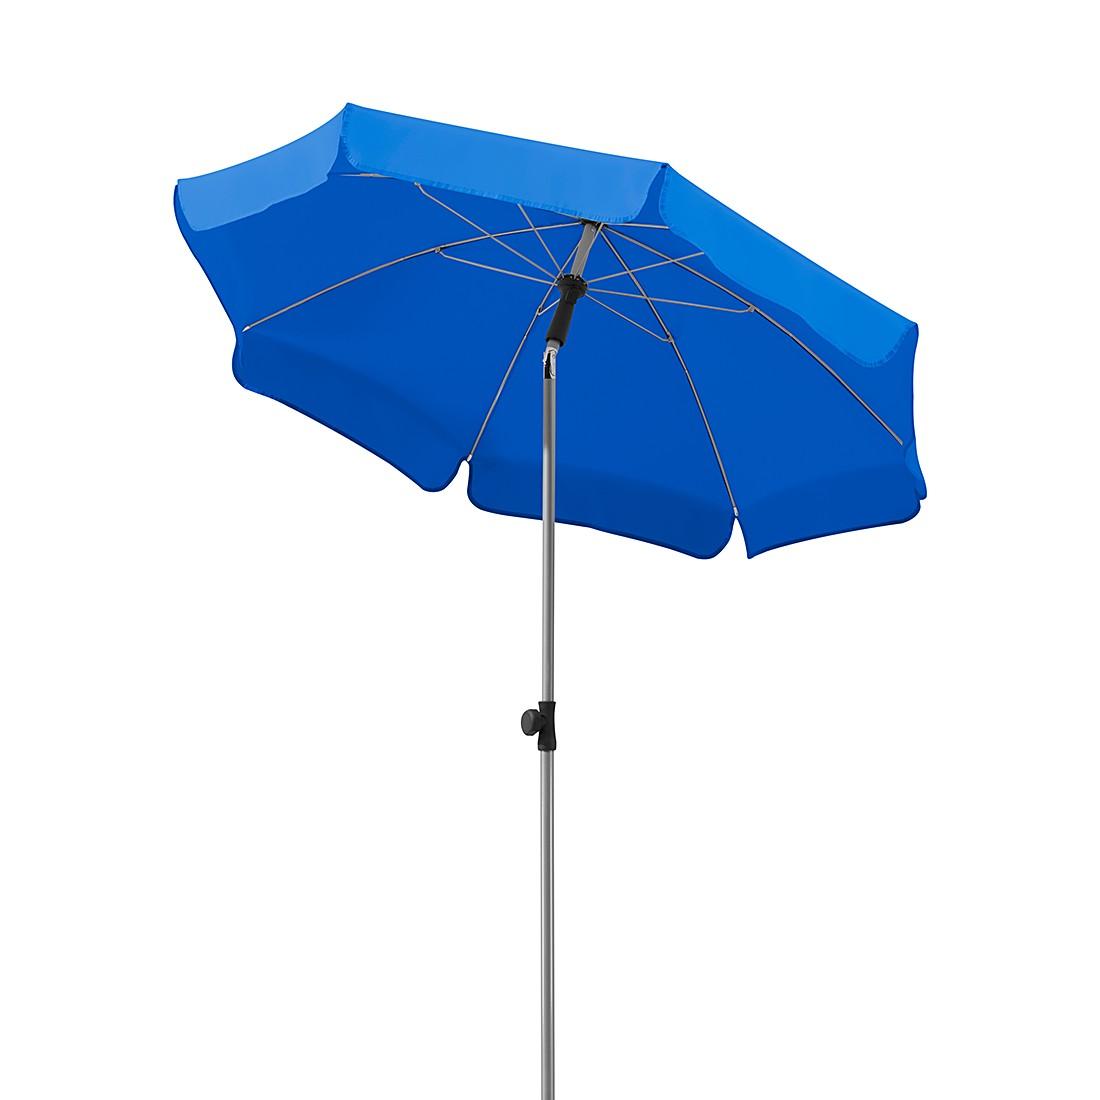 Lugano 150 Sonnenschirm - Stahl/Polyester - Silber/Royalblau, Schneider Schirme